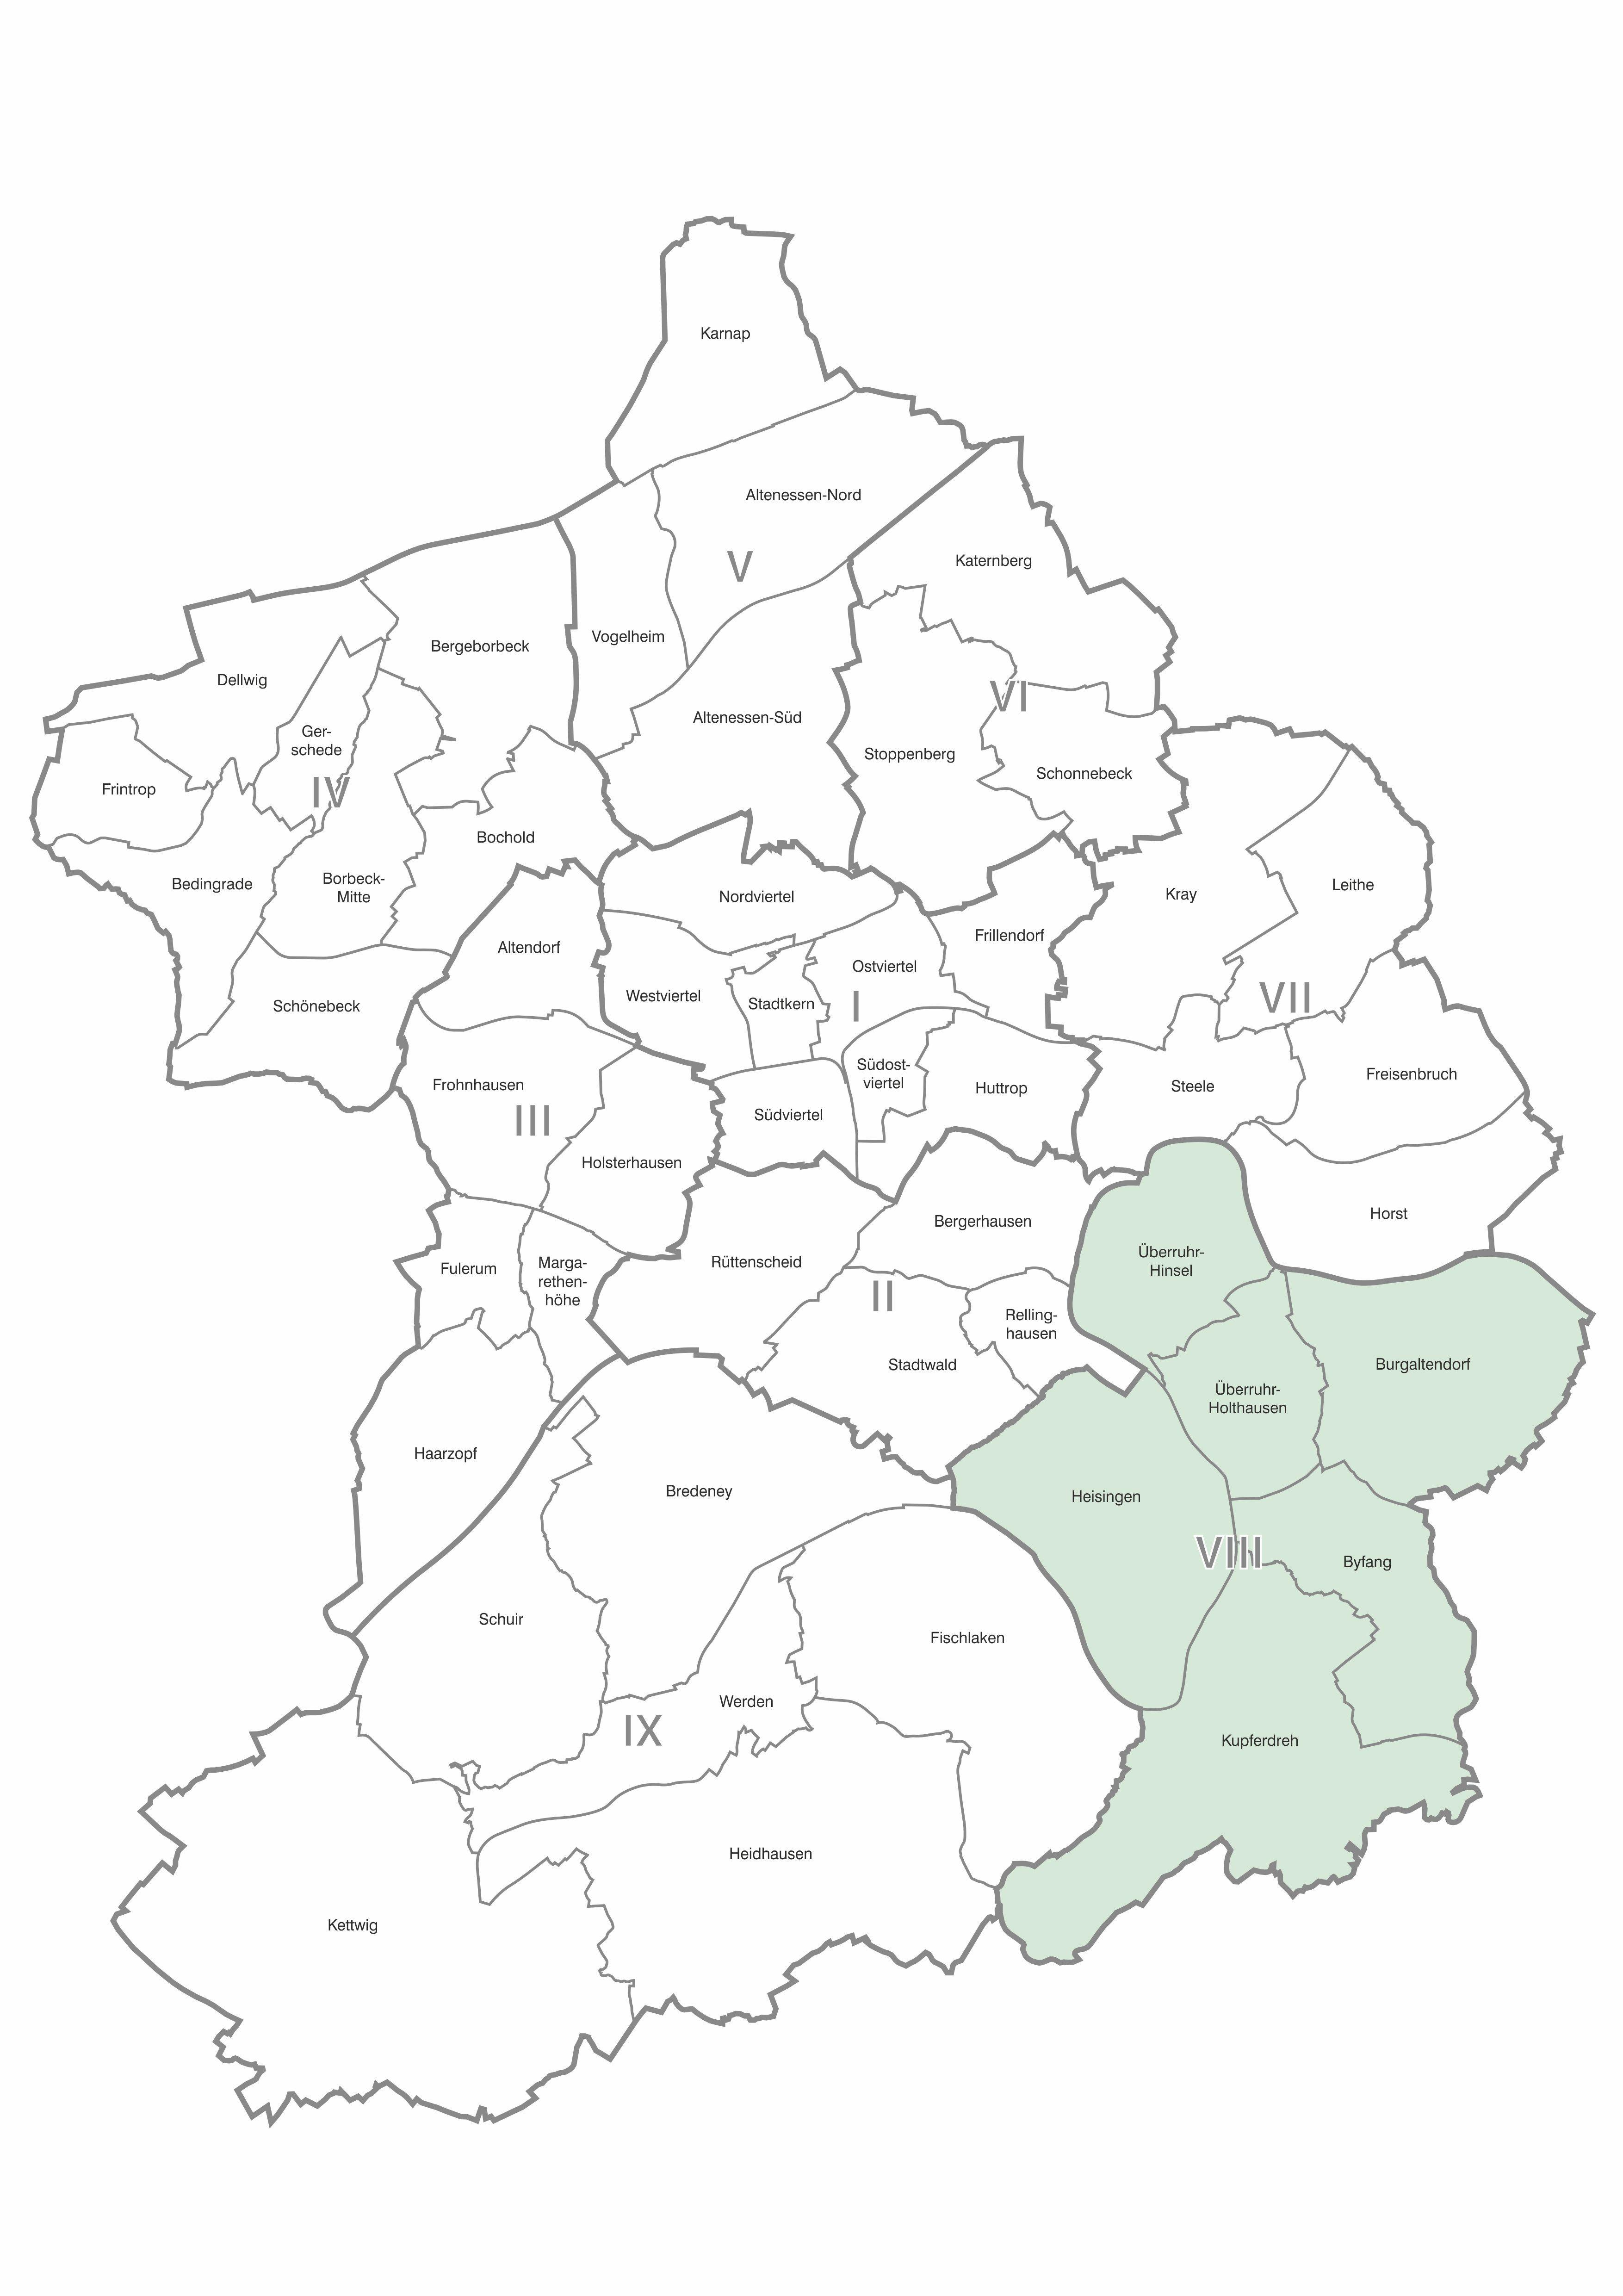 Karte der Stadtteile und Bezirke Essen, Bezirk 8